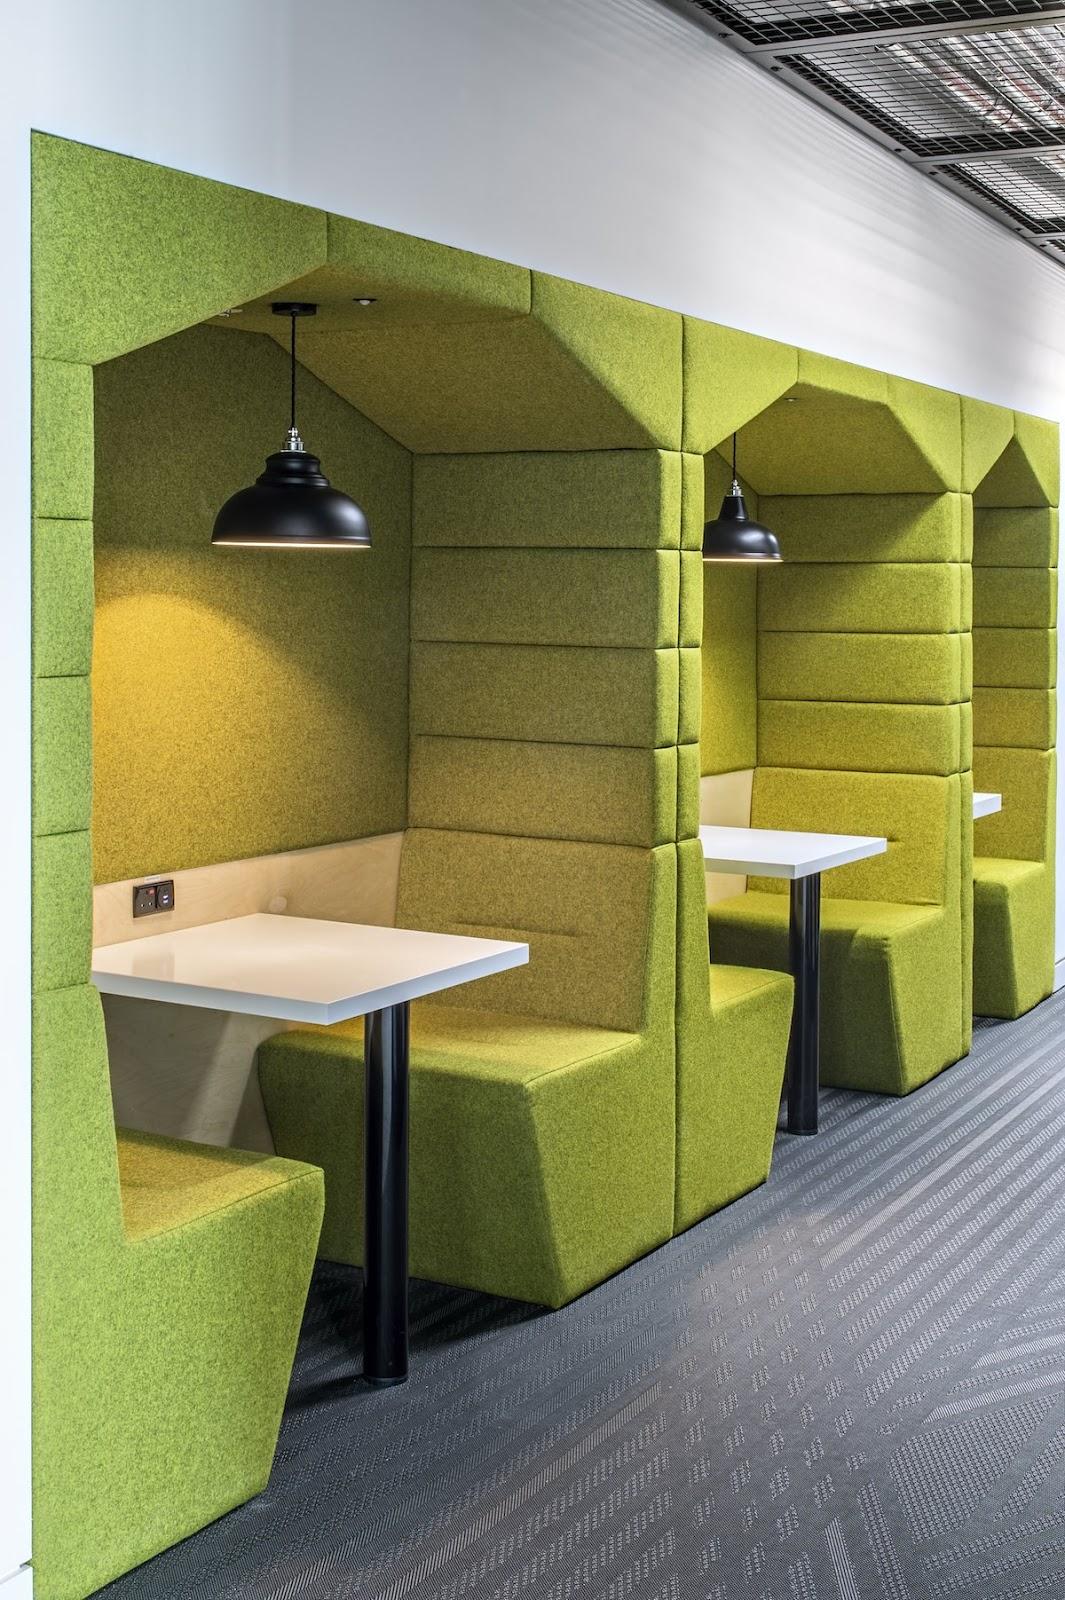 Gian phòng nhỏ dùng cho những cuộc gặp mặt riêng tư và gọi điện thoại, trông rất giống với một quán cà phê